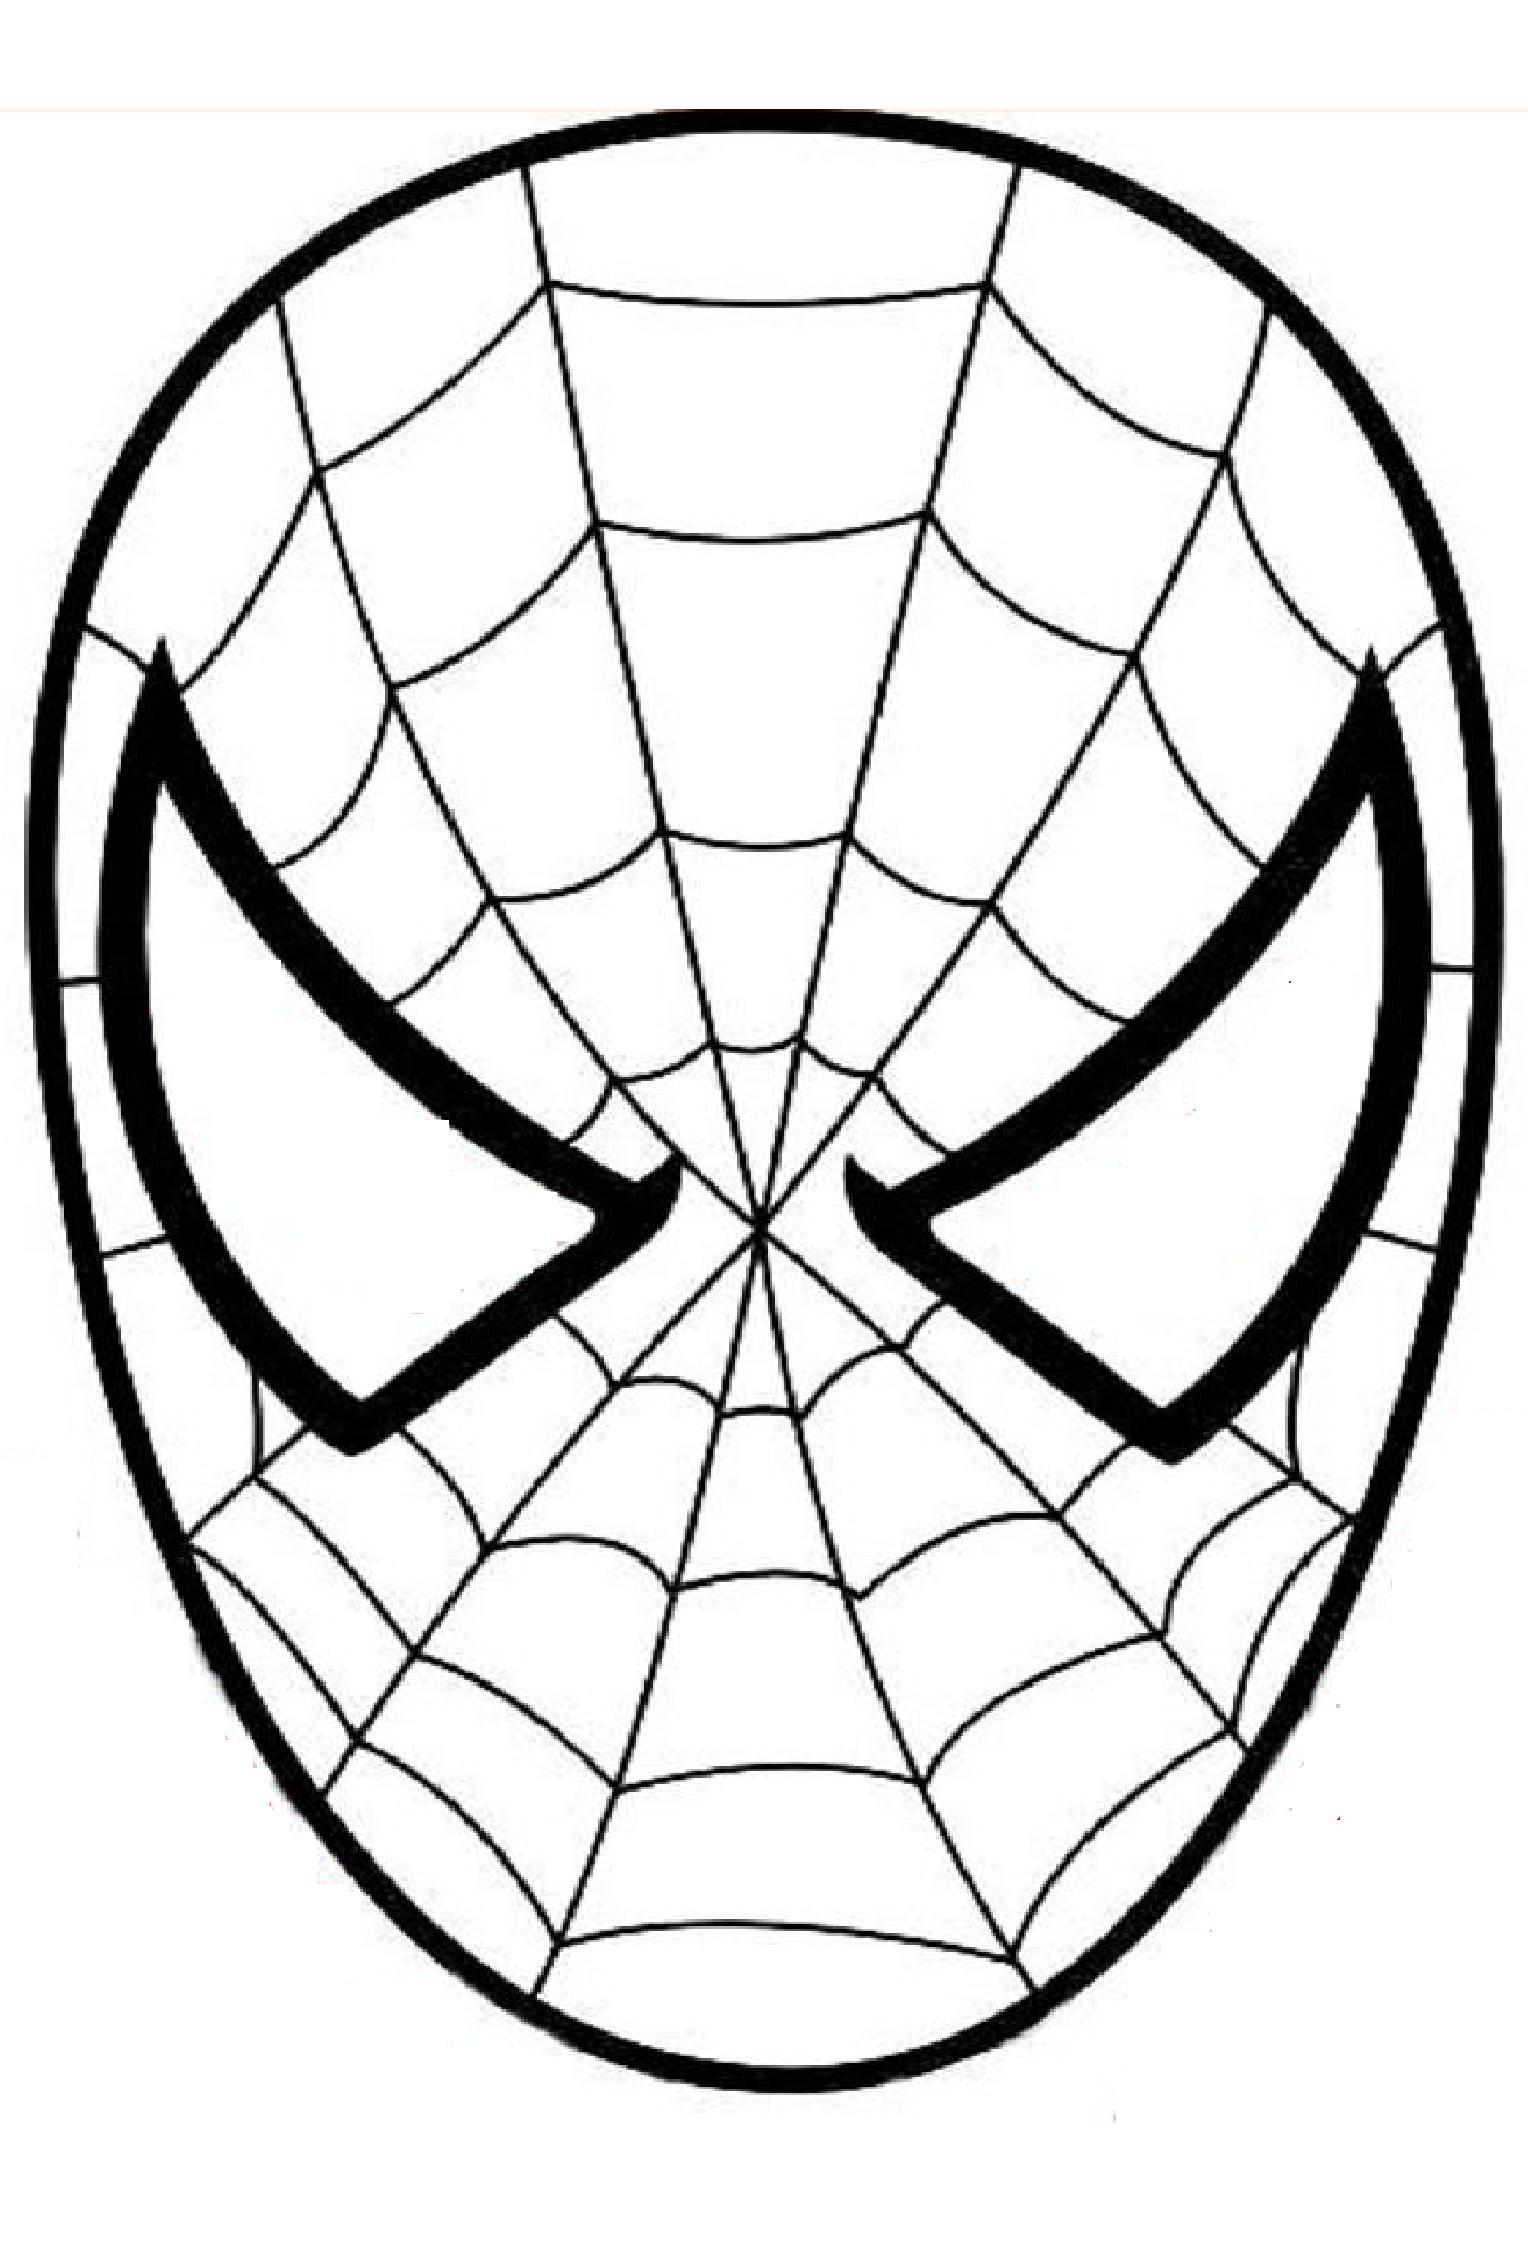 Masque Spiderman A Colorier Découpage A Imprimer tout Découpage Gratuit À Imprimer